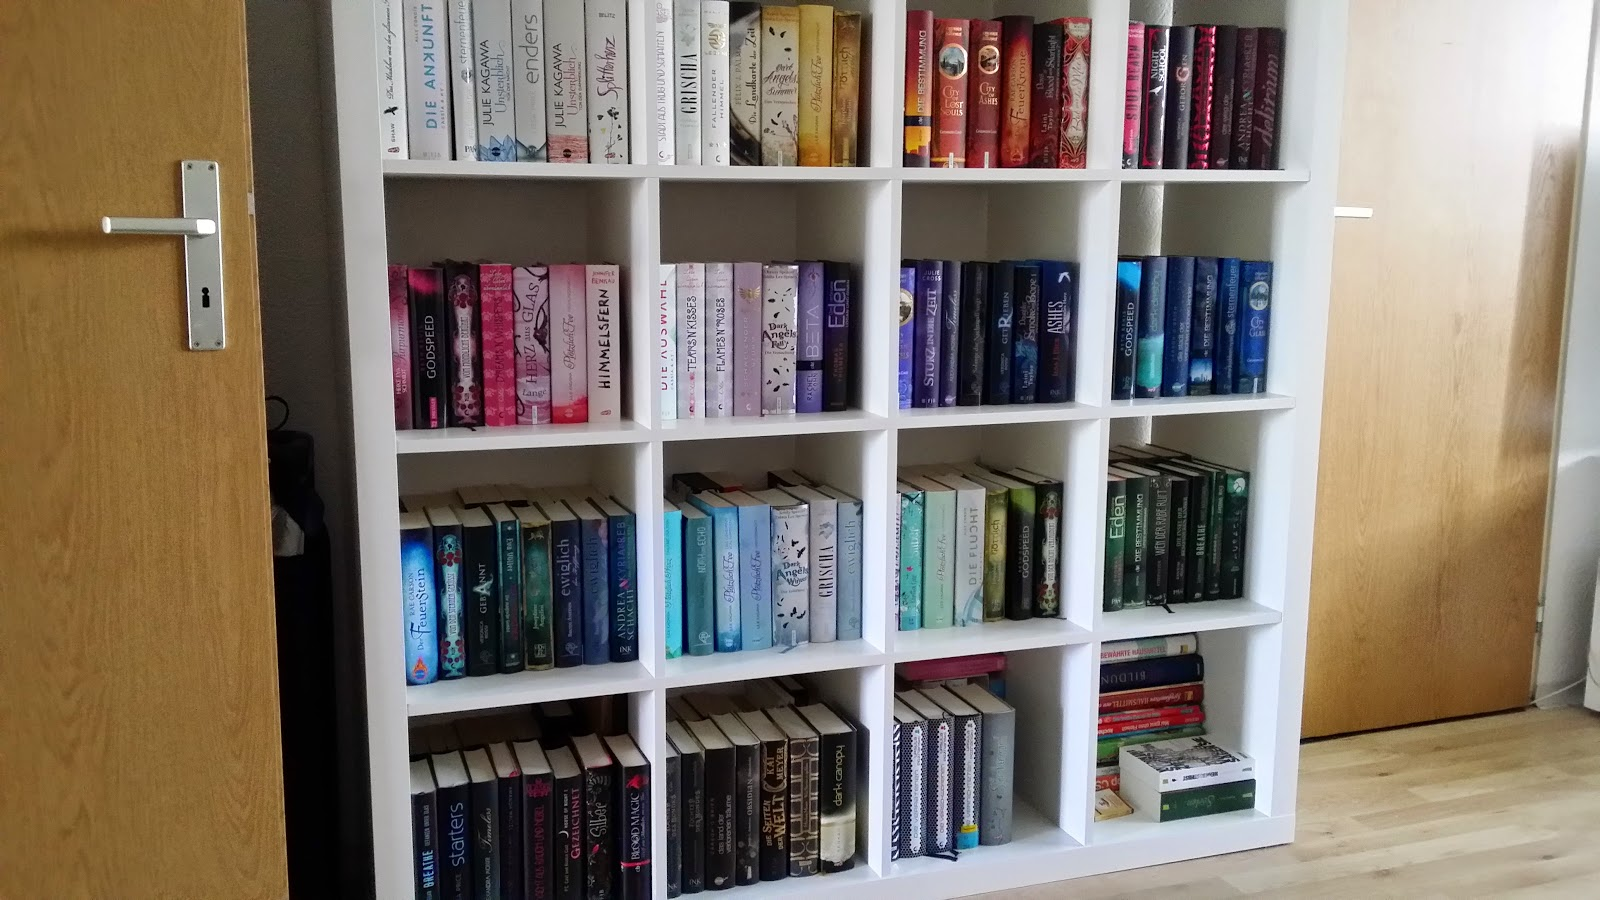 Bücherregal mit büchern  Mein Bücherregal 2.0 - alles neu sortiert